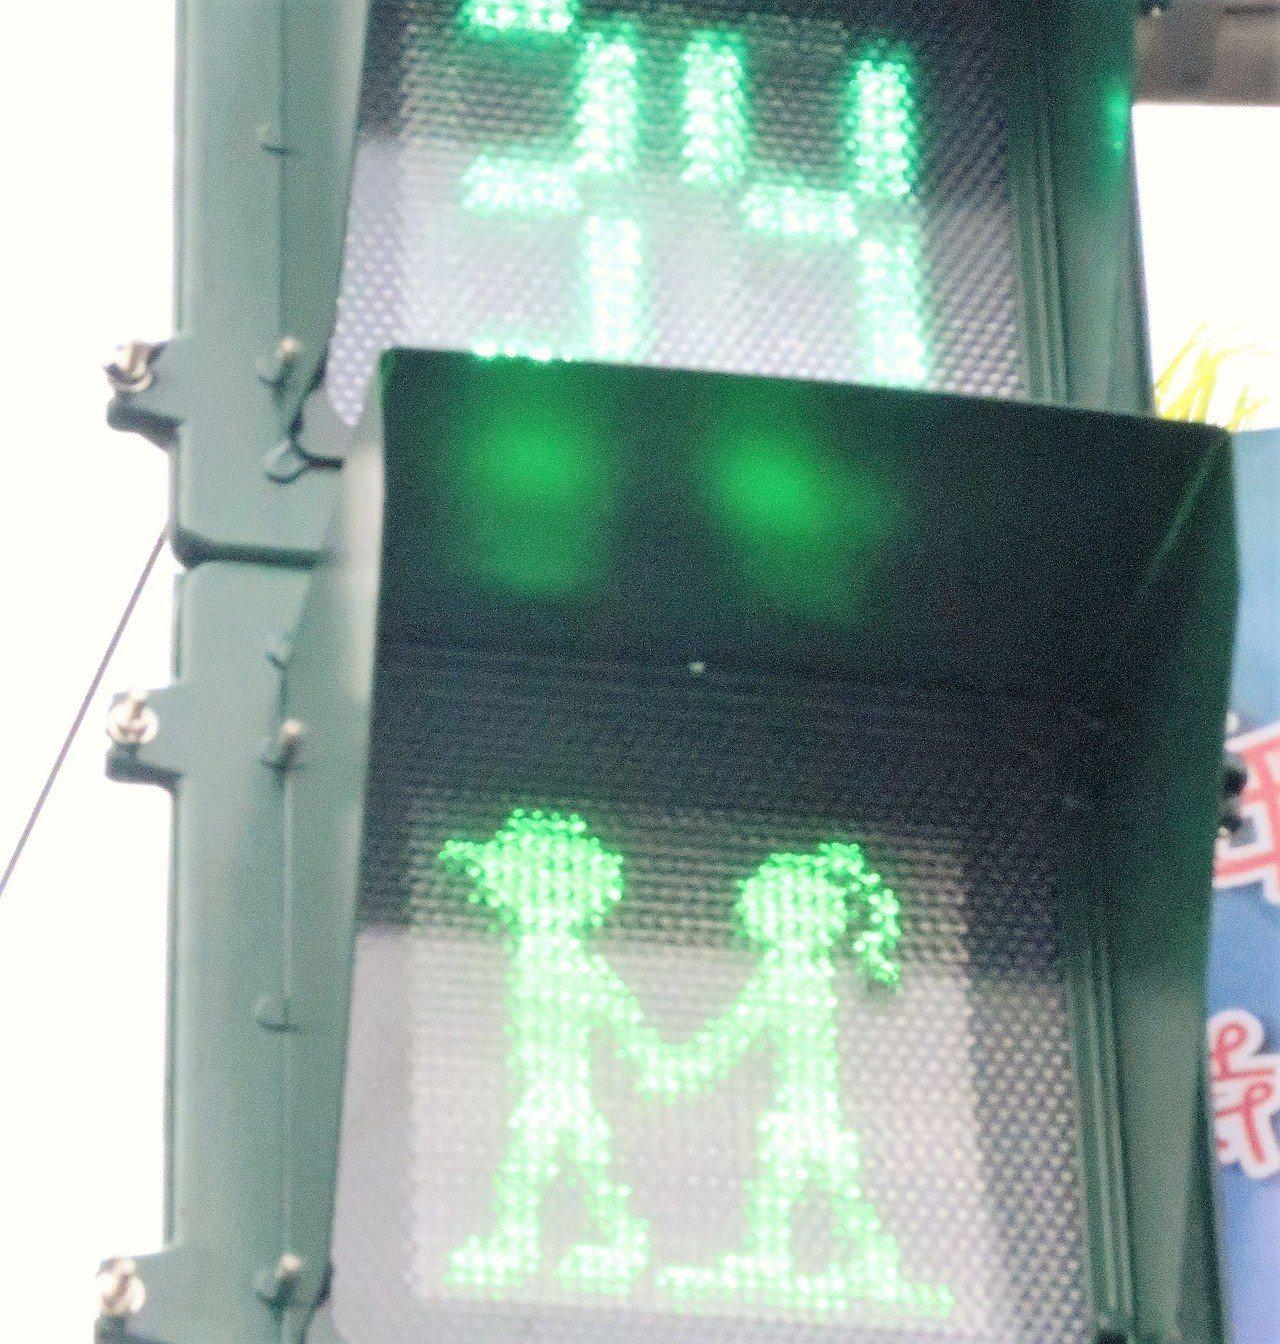 屏東小綠人脫單了,昨起正式推出手牽手過馬路的小路人標誌。 記者翁禎霞/攝影